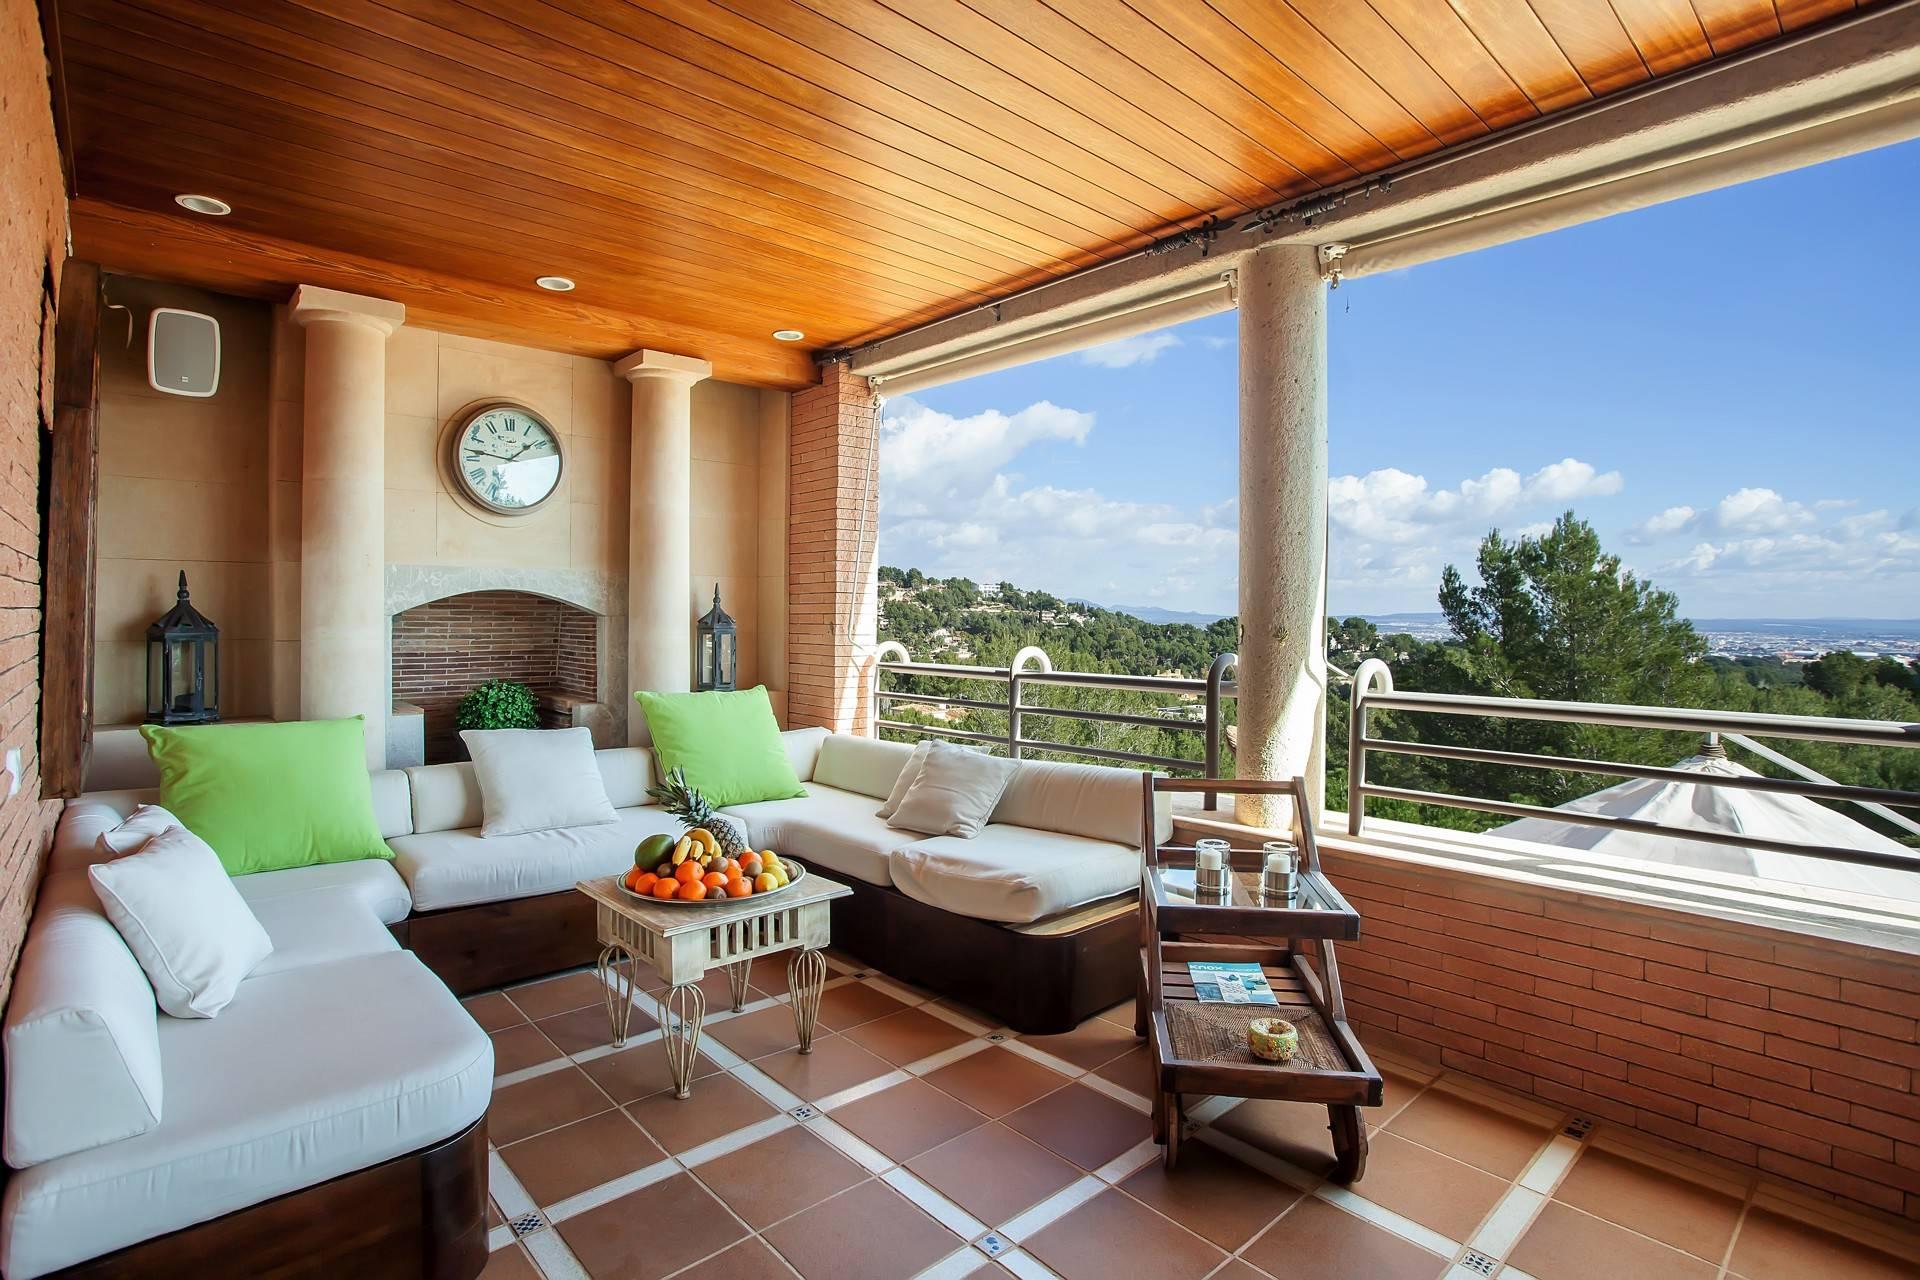 01-251 Extravagant villa Mallorca southwest Bild 10